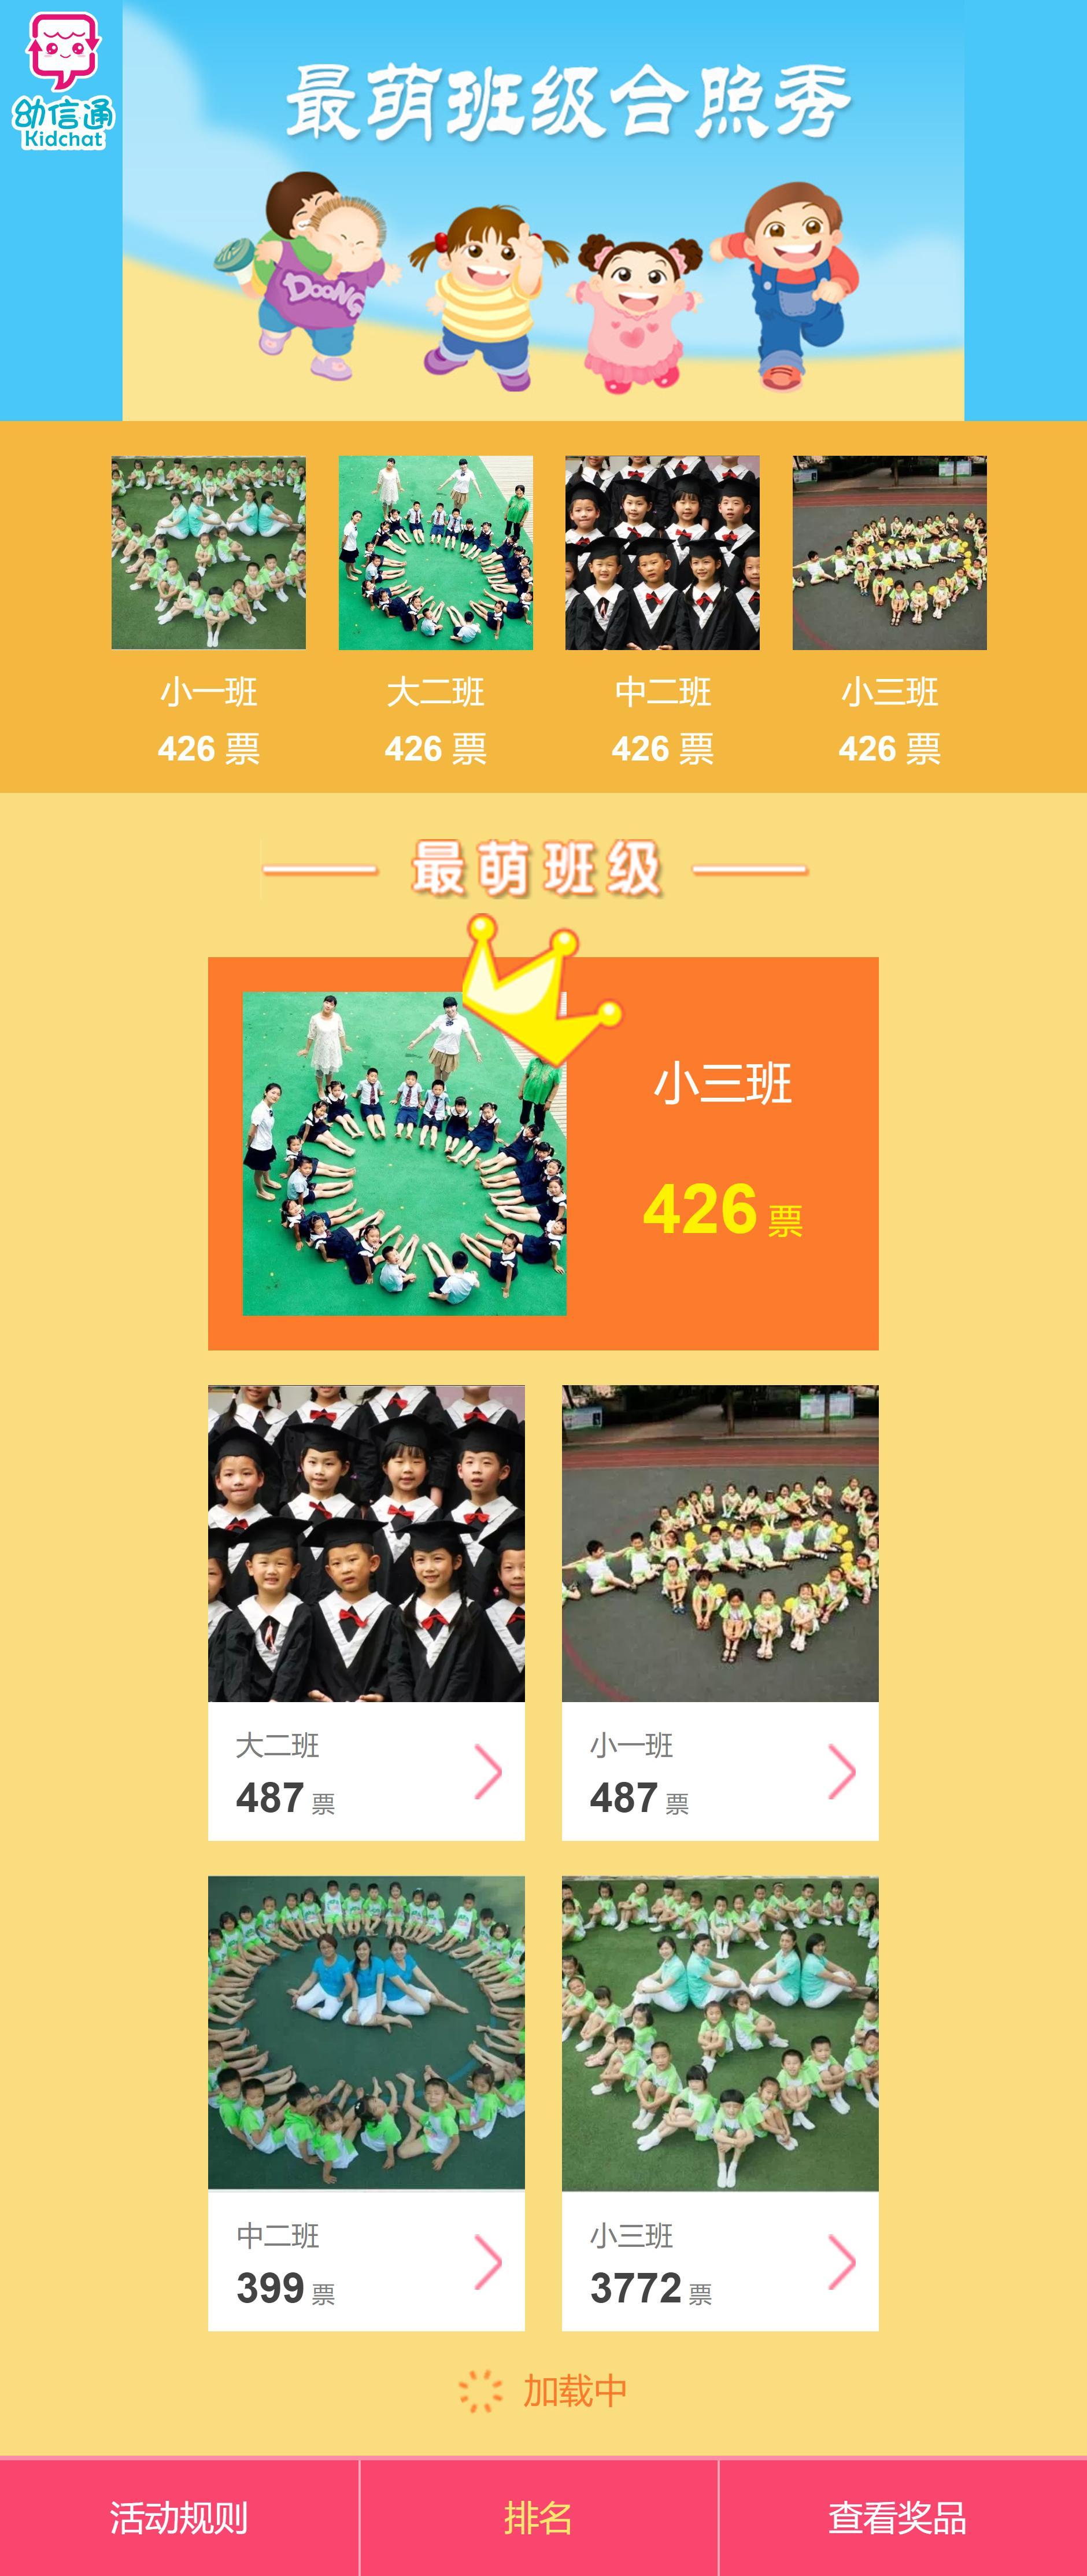 幼儿园微信投票专题活动页面模板html下载